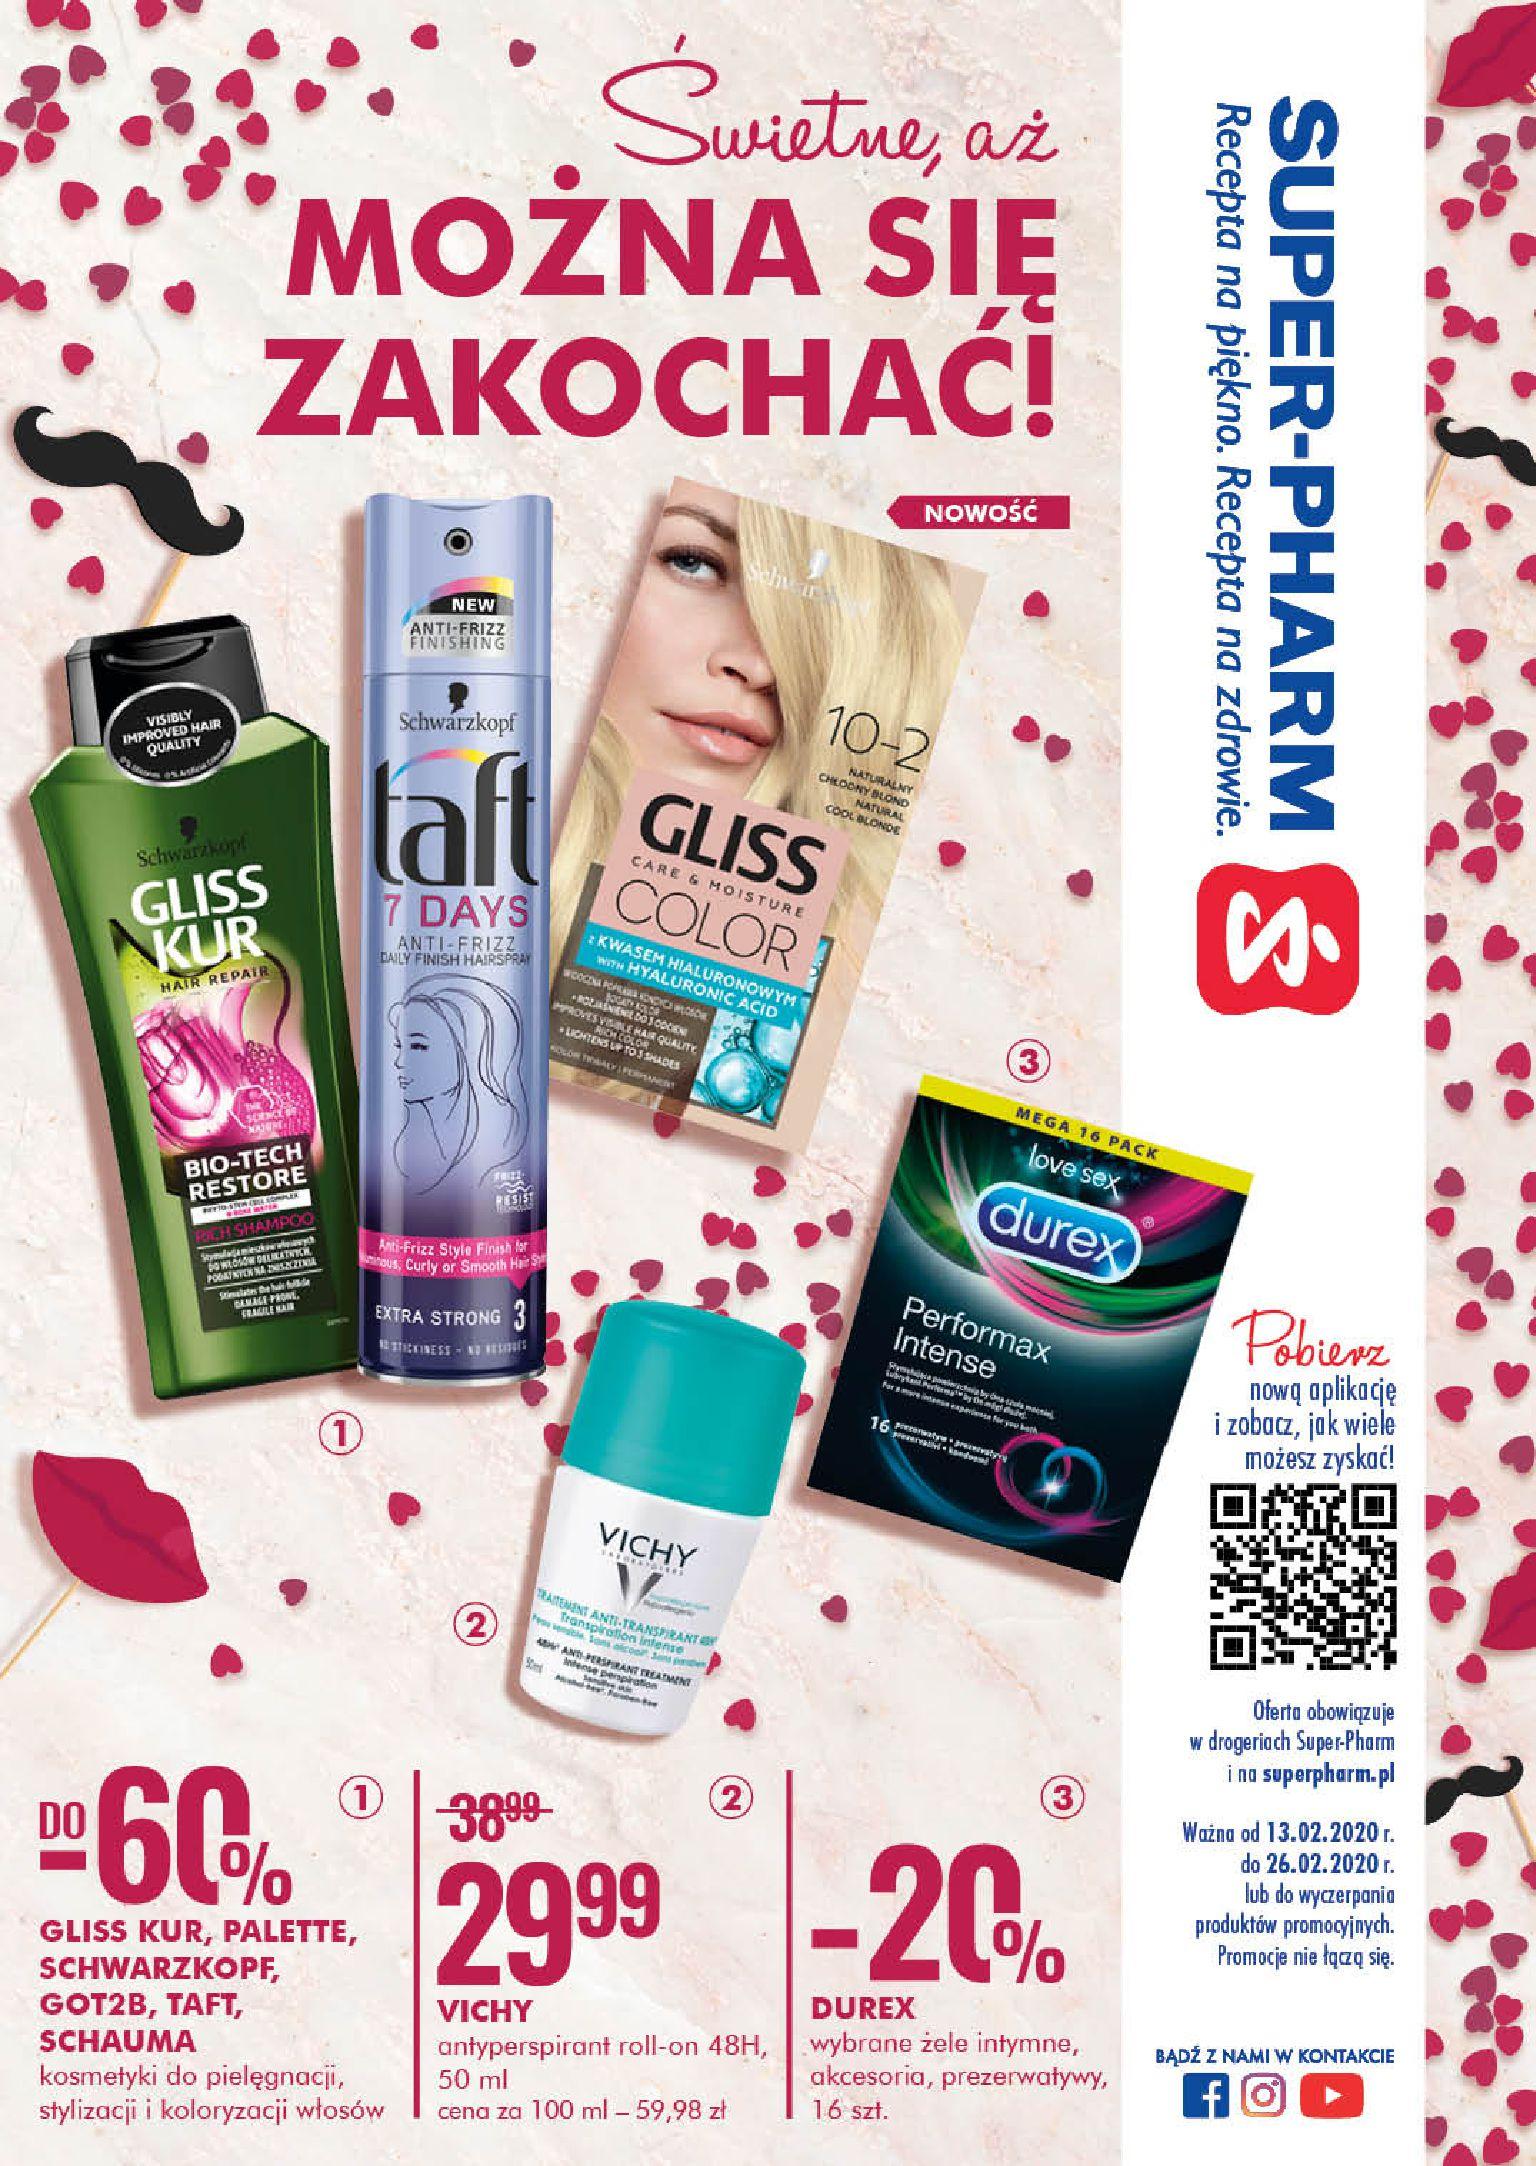 Gazetka Super-Pharm - Świetnie, aż MOŻNA SIĘ ZAKOCHAĆ-12.02.2020-26.02.2020-page-1